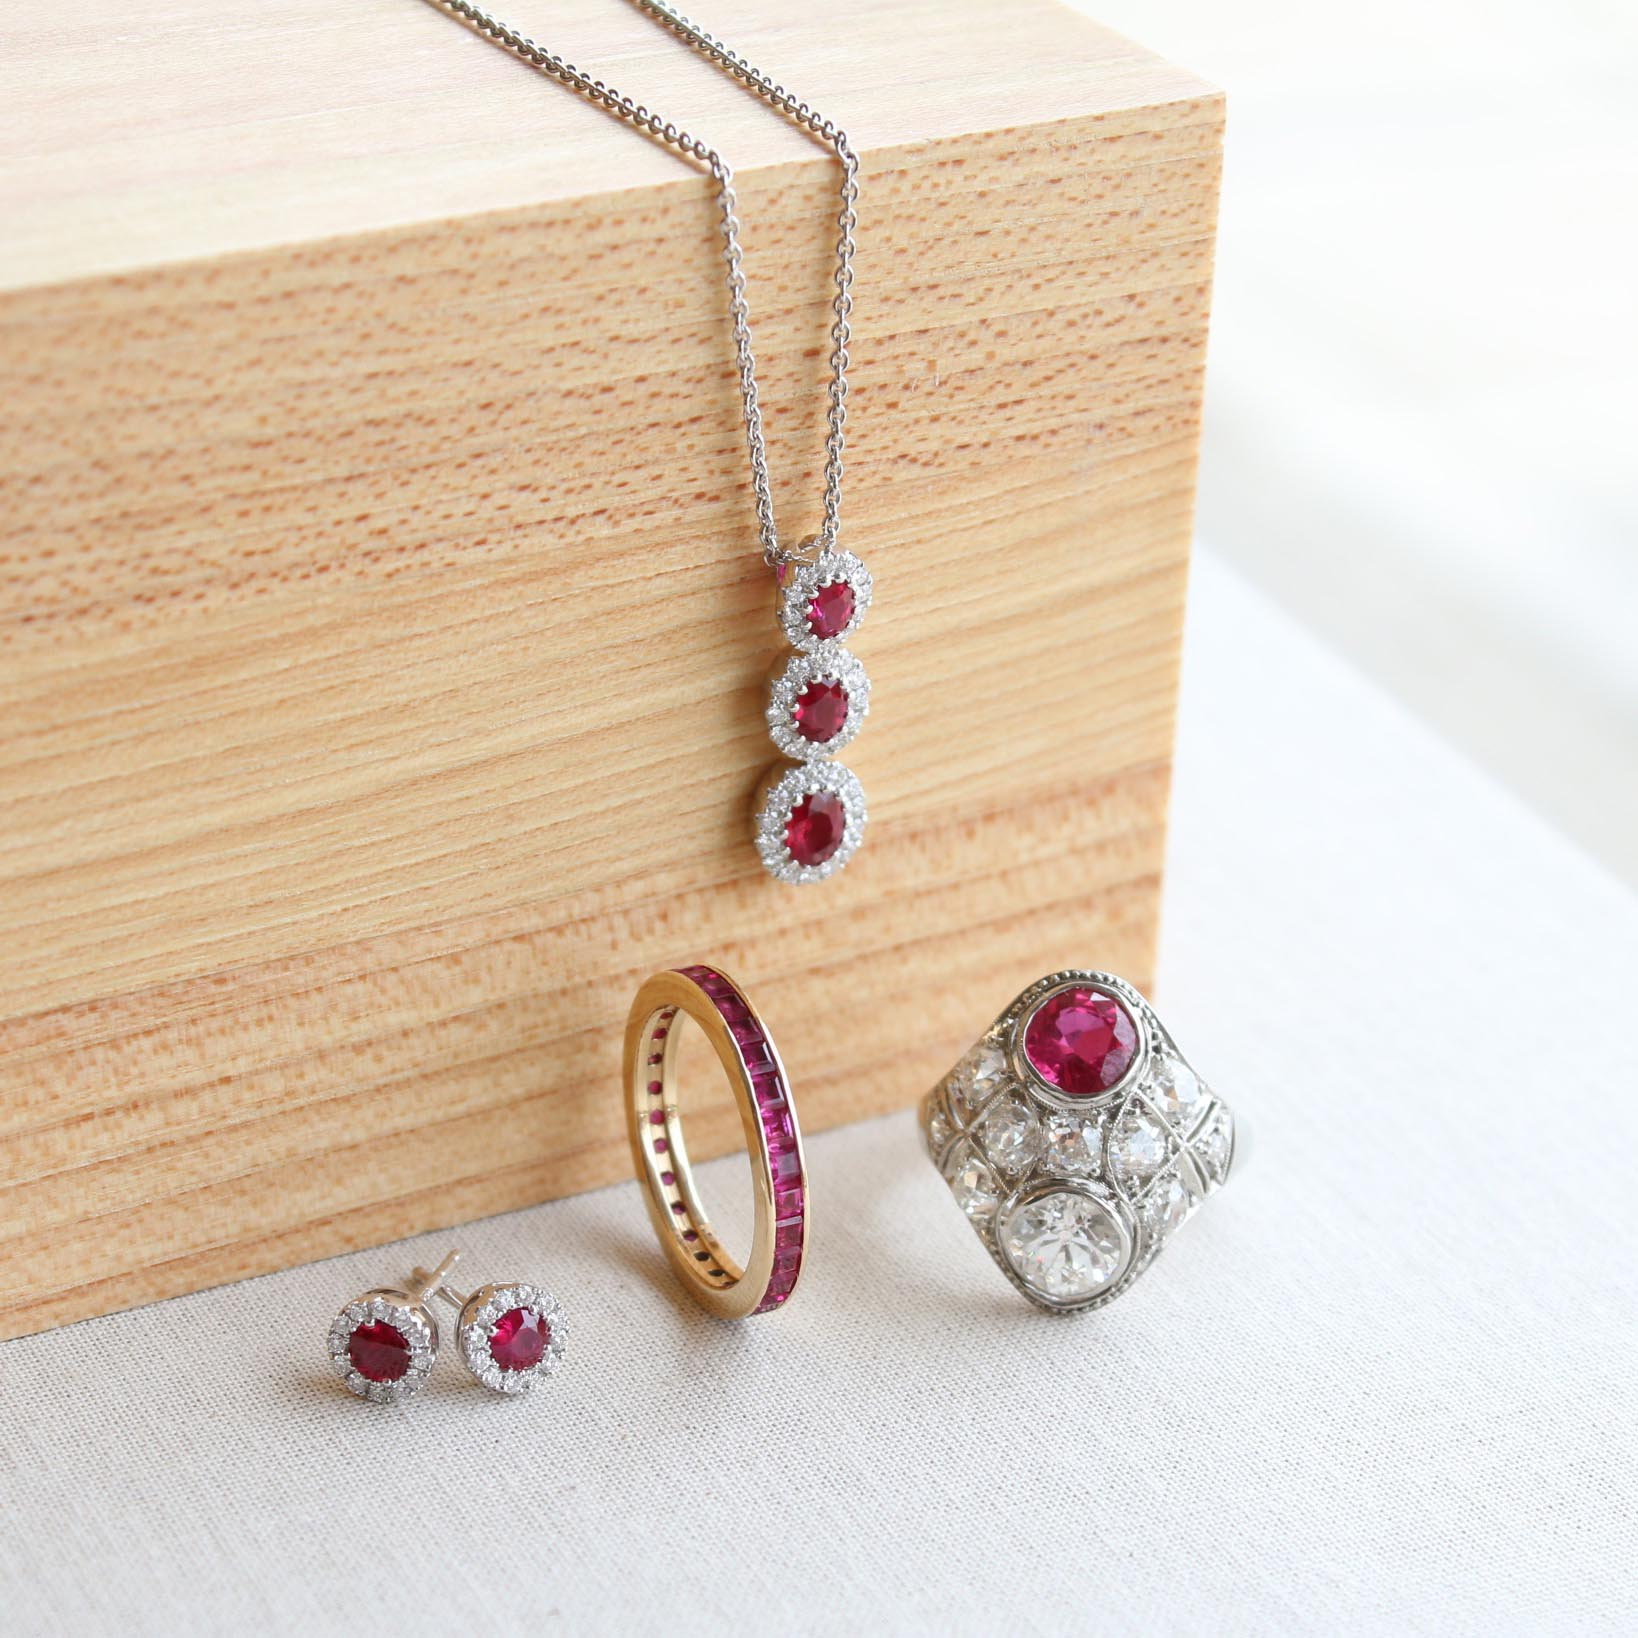 Ruby Jewelry July Birthstone | Twin Cities Jewelry